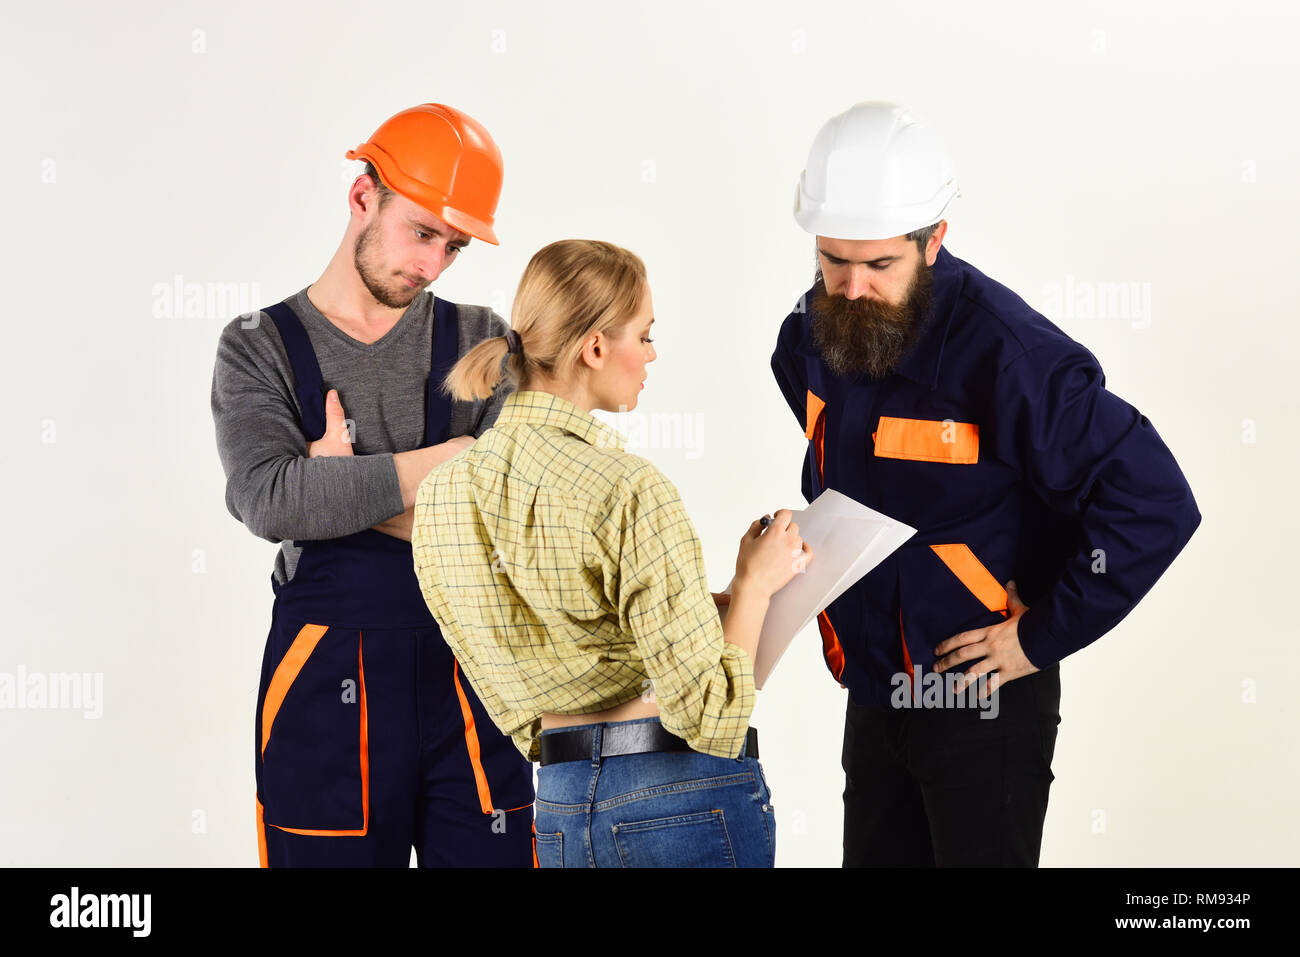 Dobbiamo costruire la certezza. Lavoratori edili team. Gruppo di costruire gli ingegneri e gli architetti a lavoro. Uomo e donna costruttori lavorano in team Immagini Stock